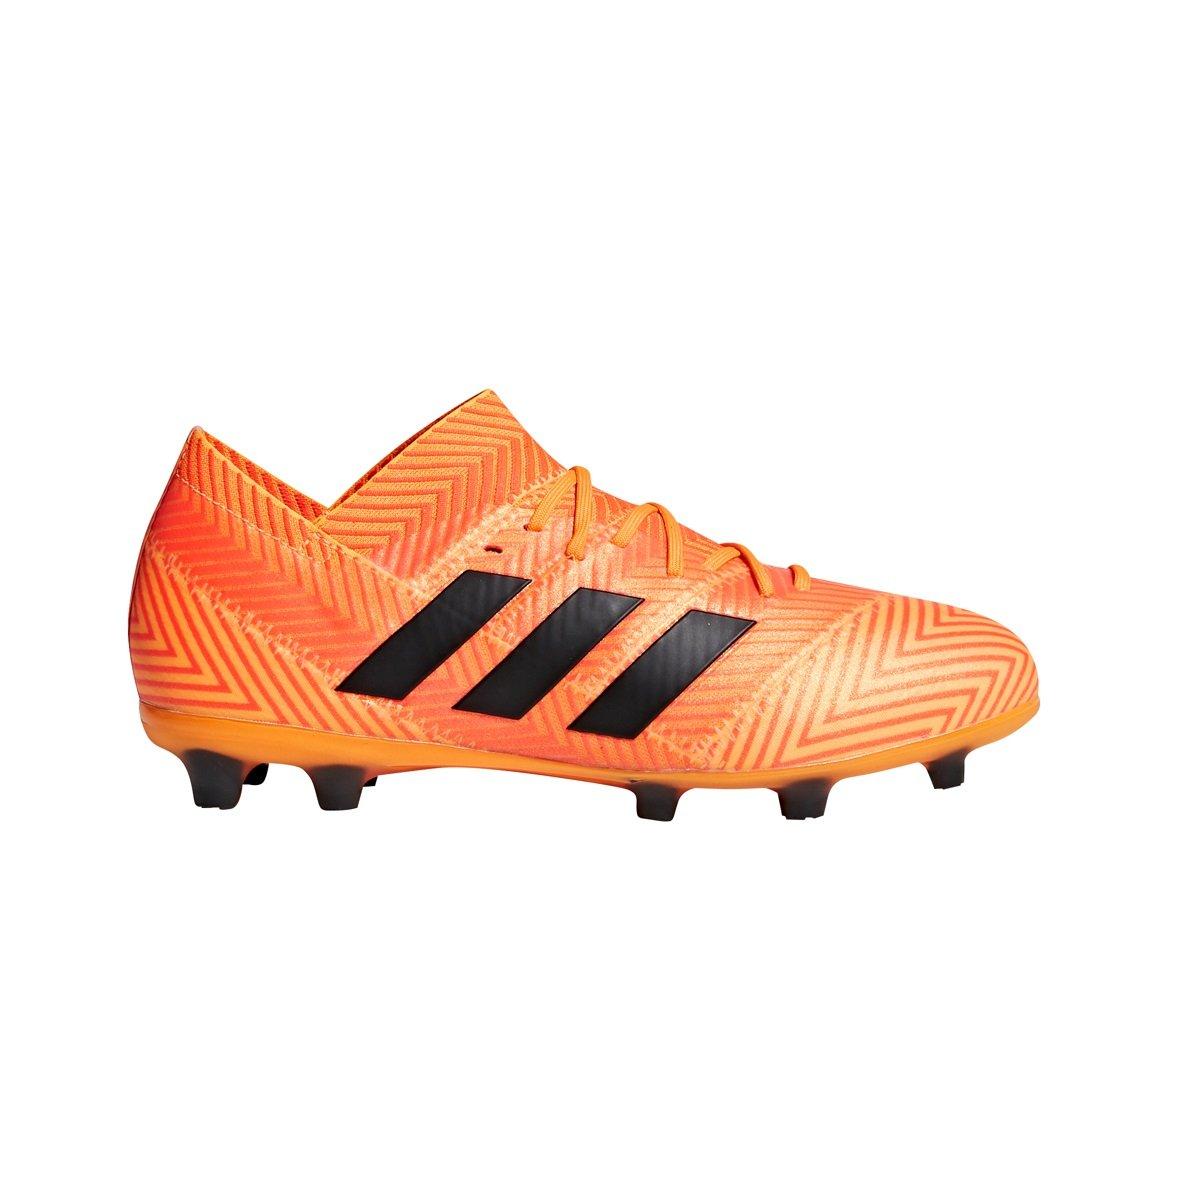 Adidas ha nemeziz terra ferma gli scarpini da calcio b07df2m5qt 5 m